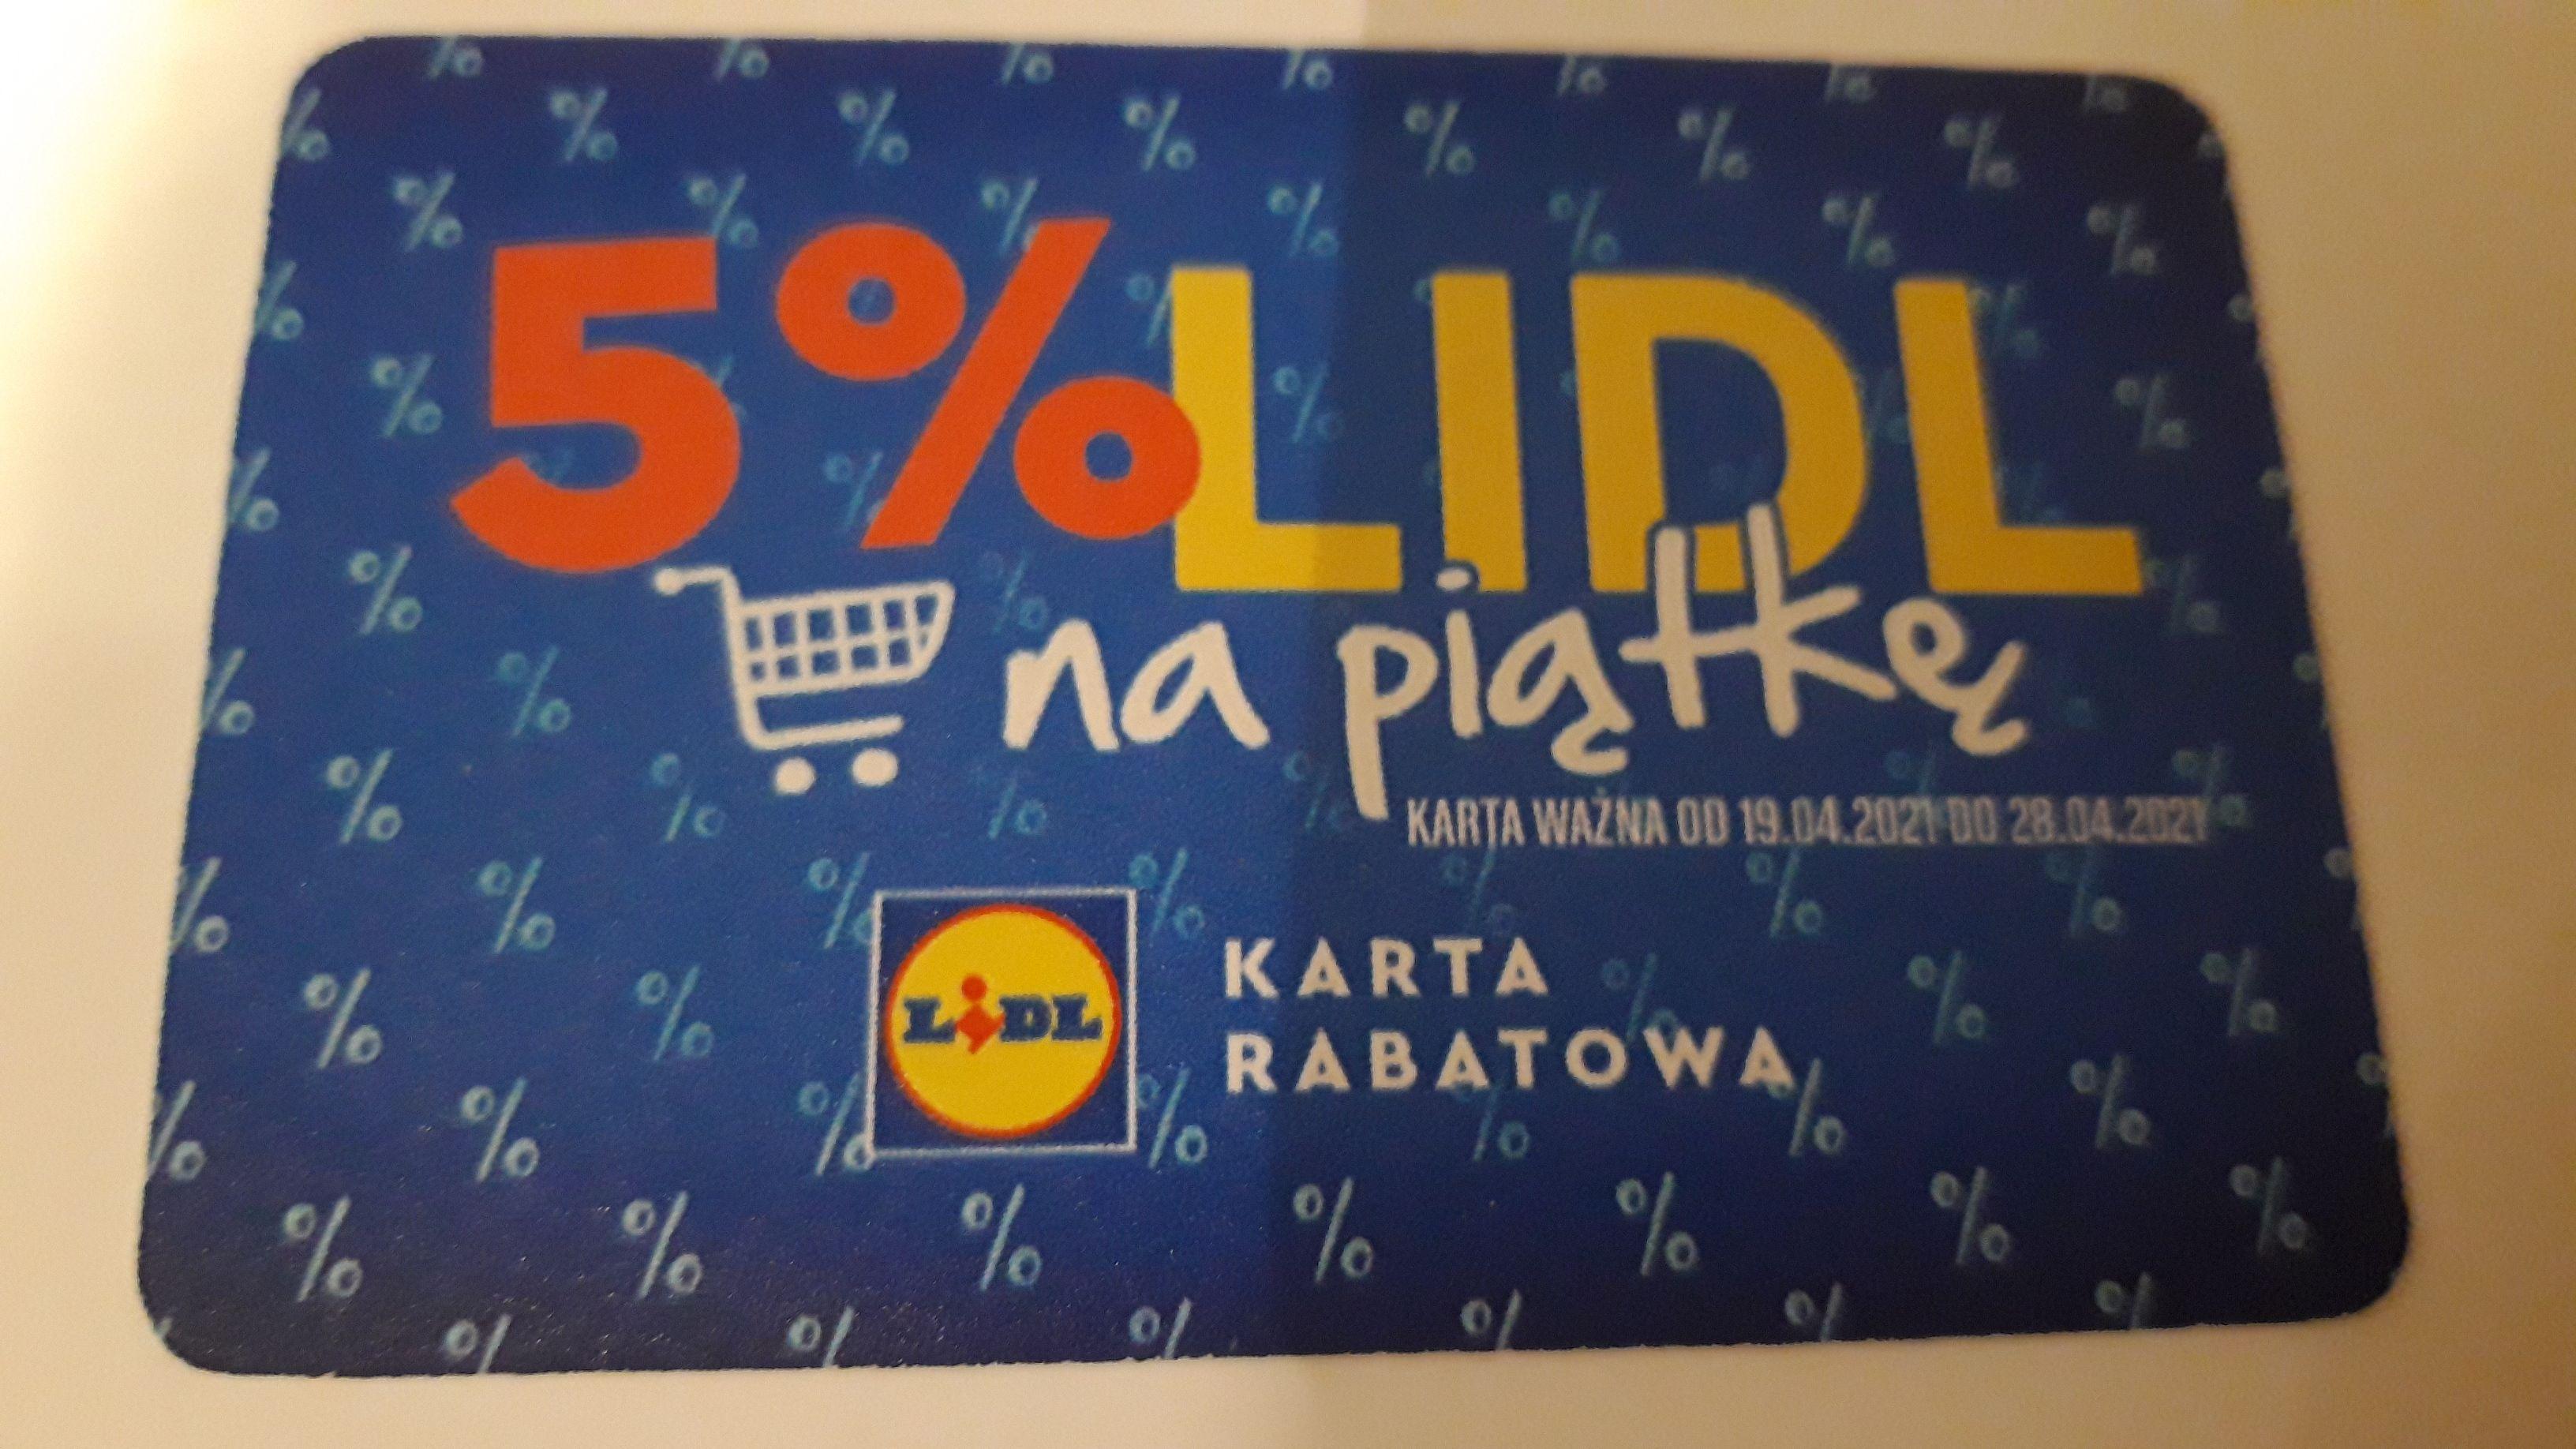 Karta rabatowa -5% na zakupy w płockich Lidlach (19.04-28.04.2021r.), Lidl Płock